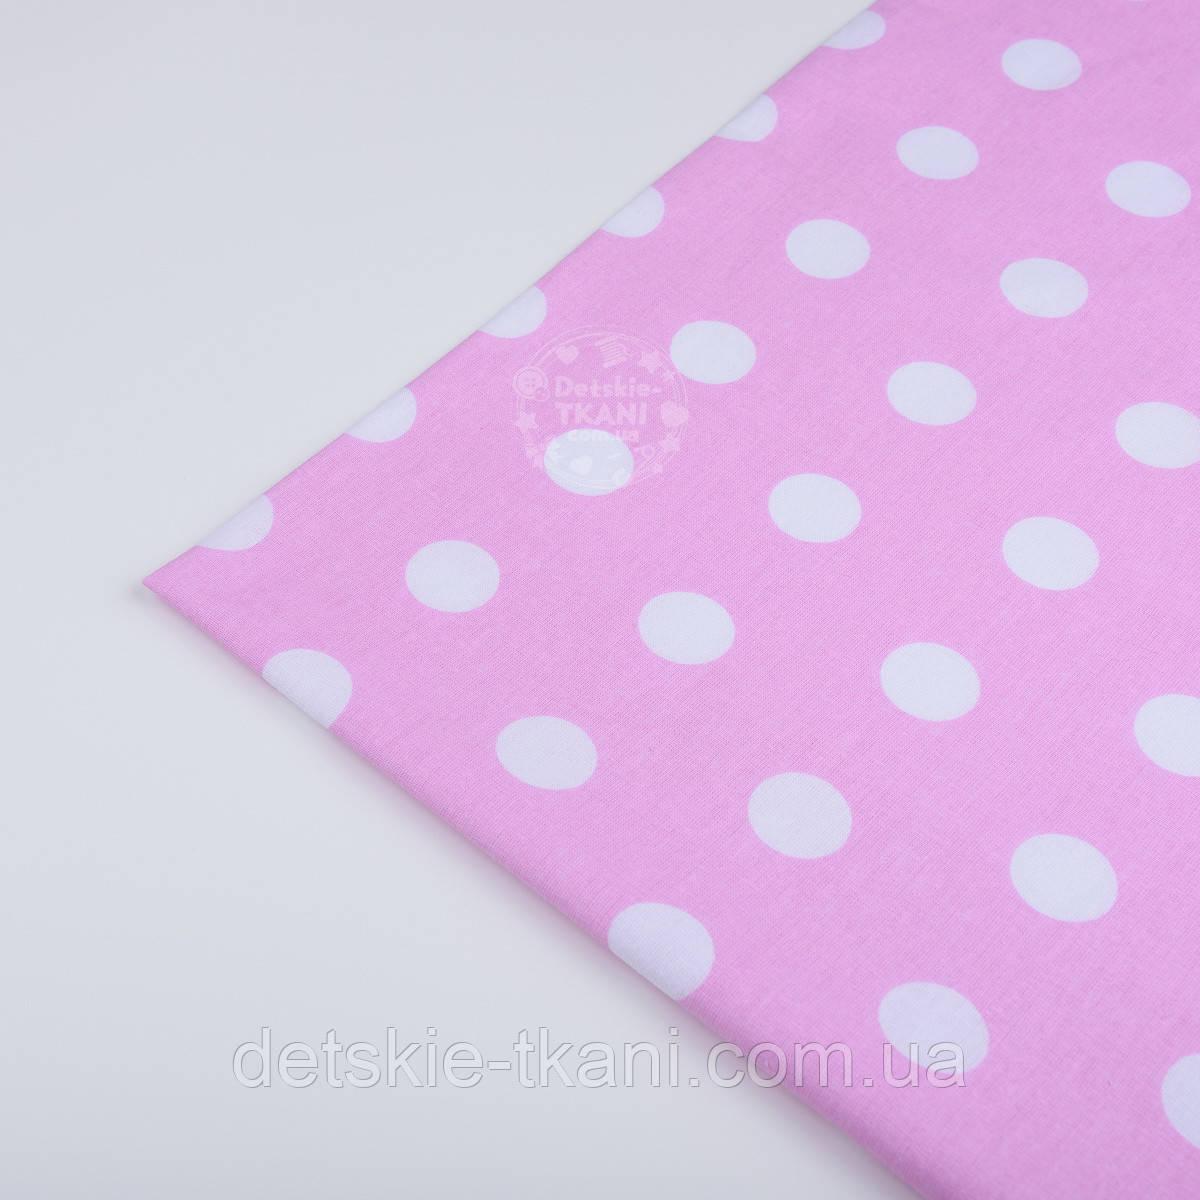 Лоскут ткани №65 с большими горохами на розовом фоне